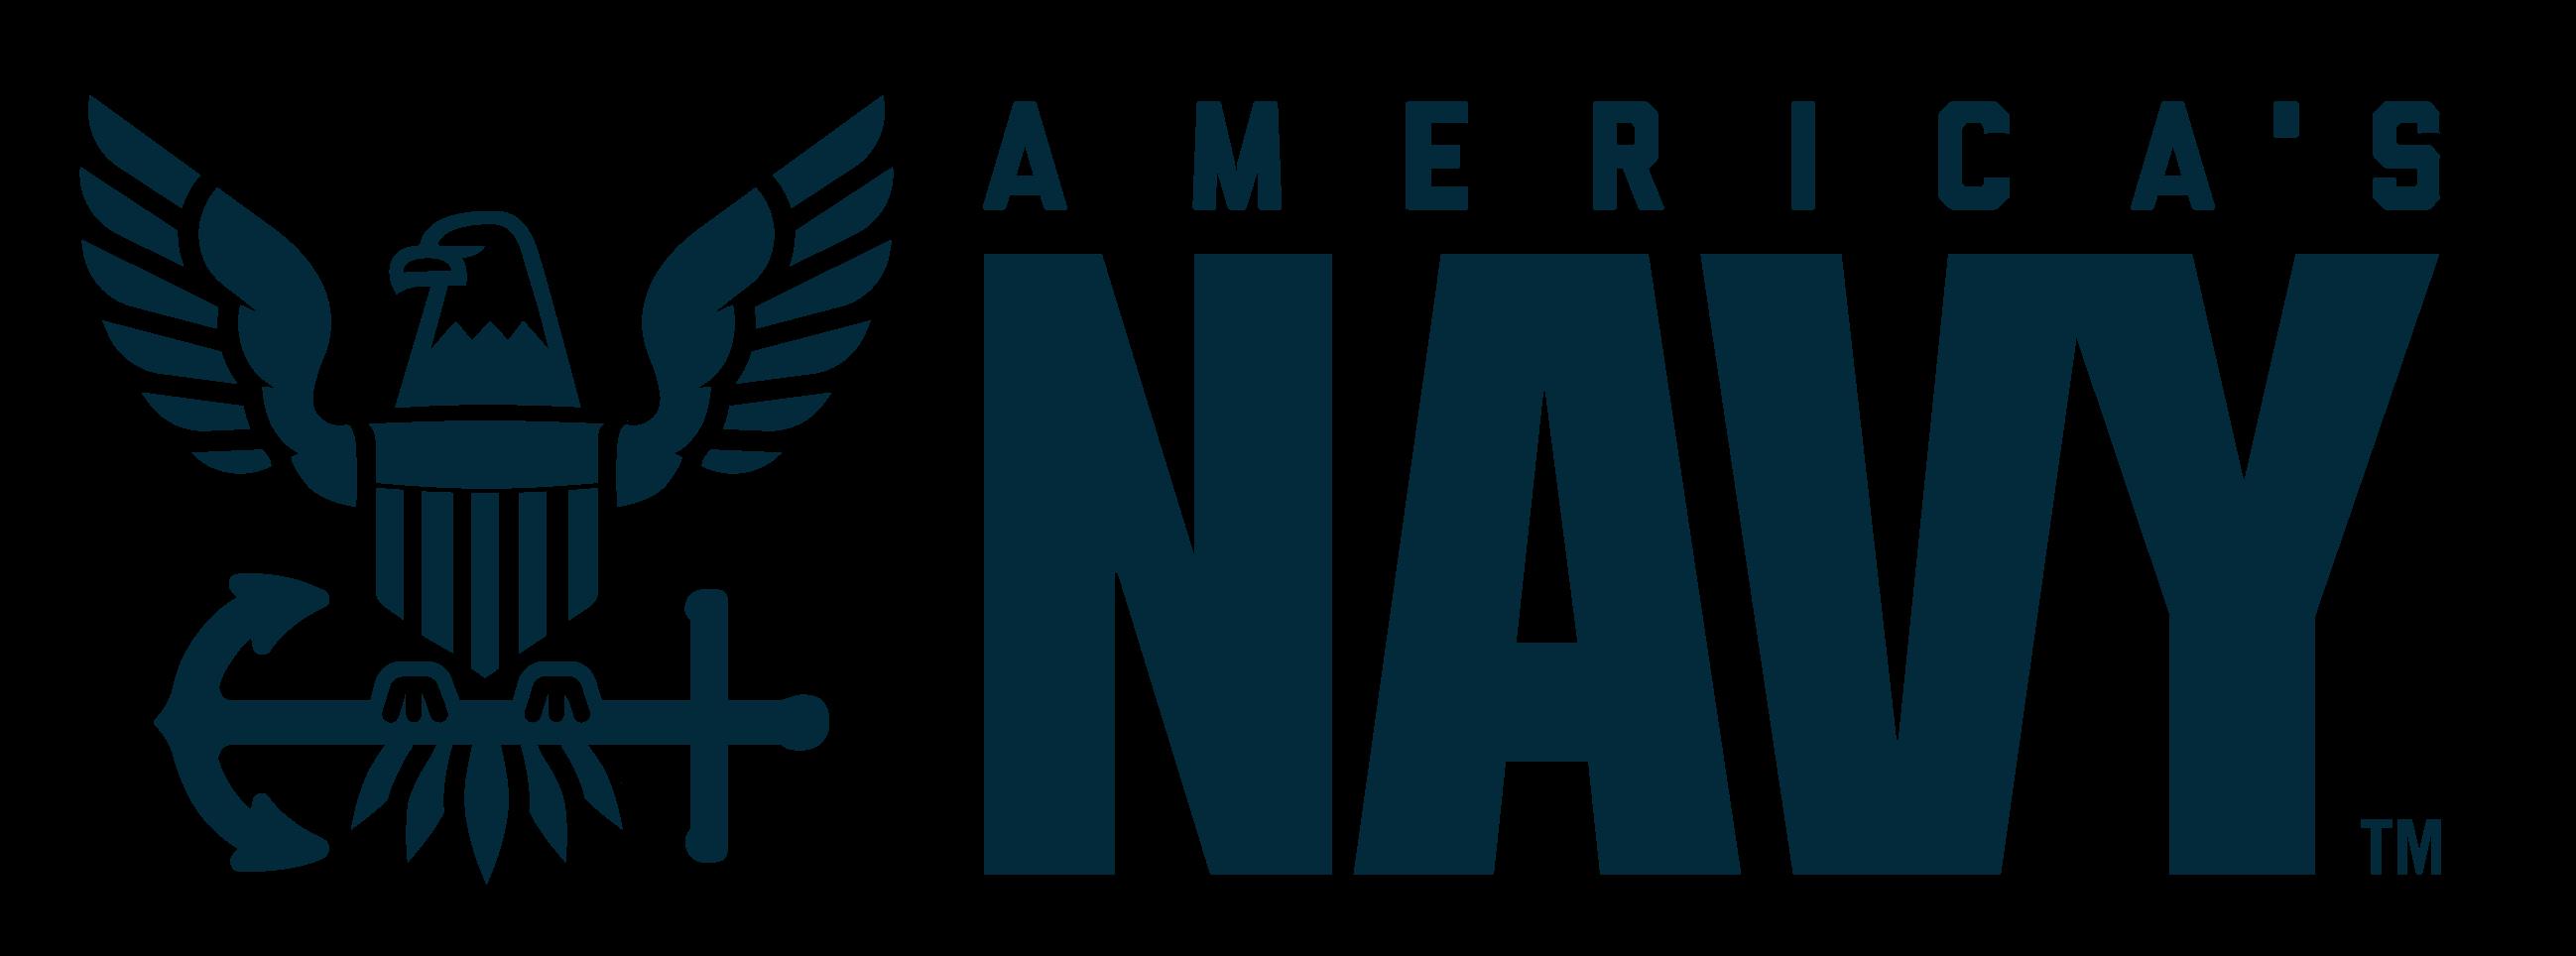 Navy Career Center